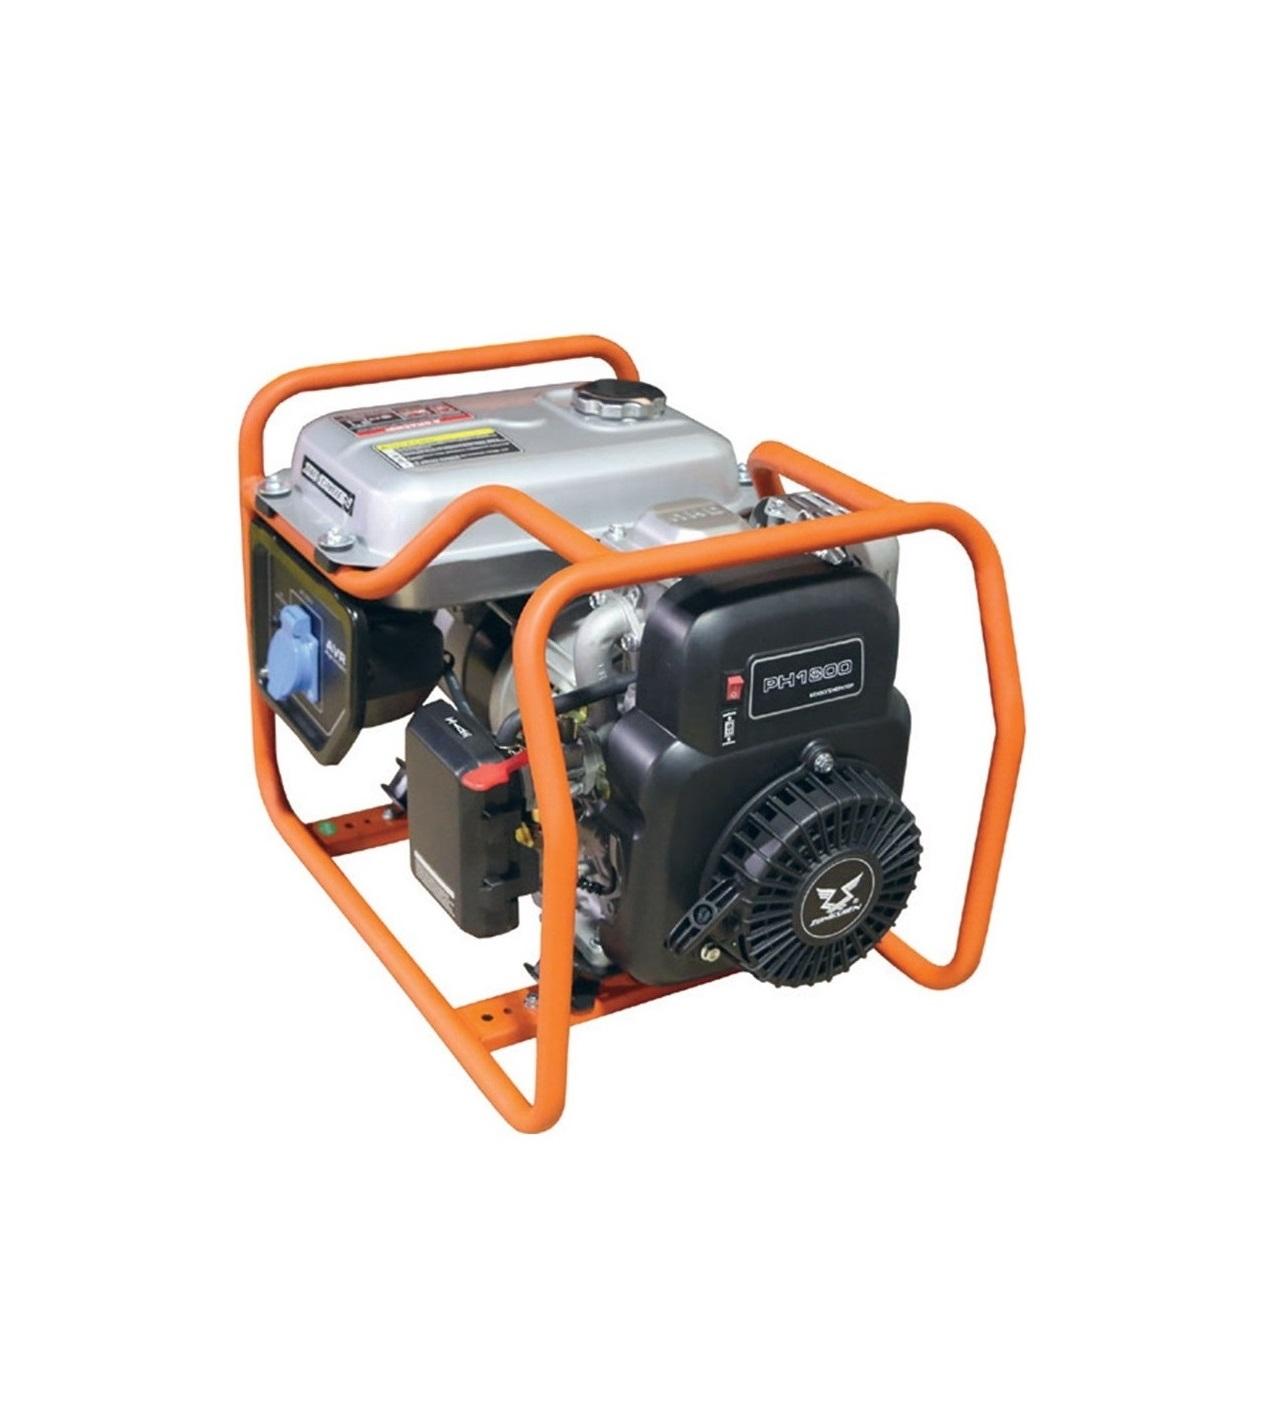 Бензиновый генератор (Бензогенератор) Zongshen PH 1800